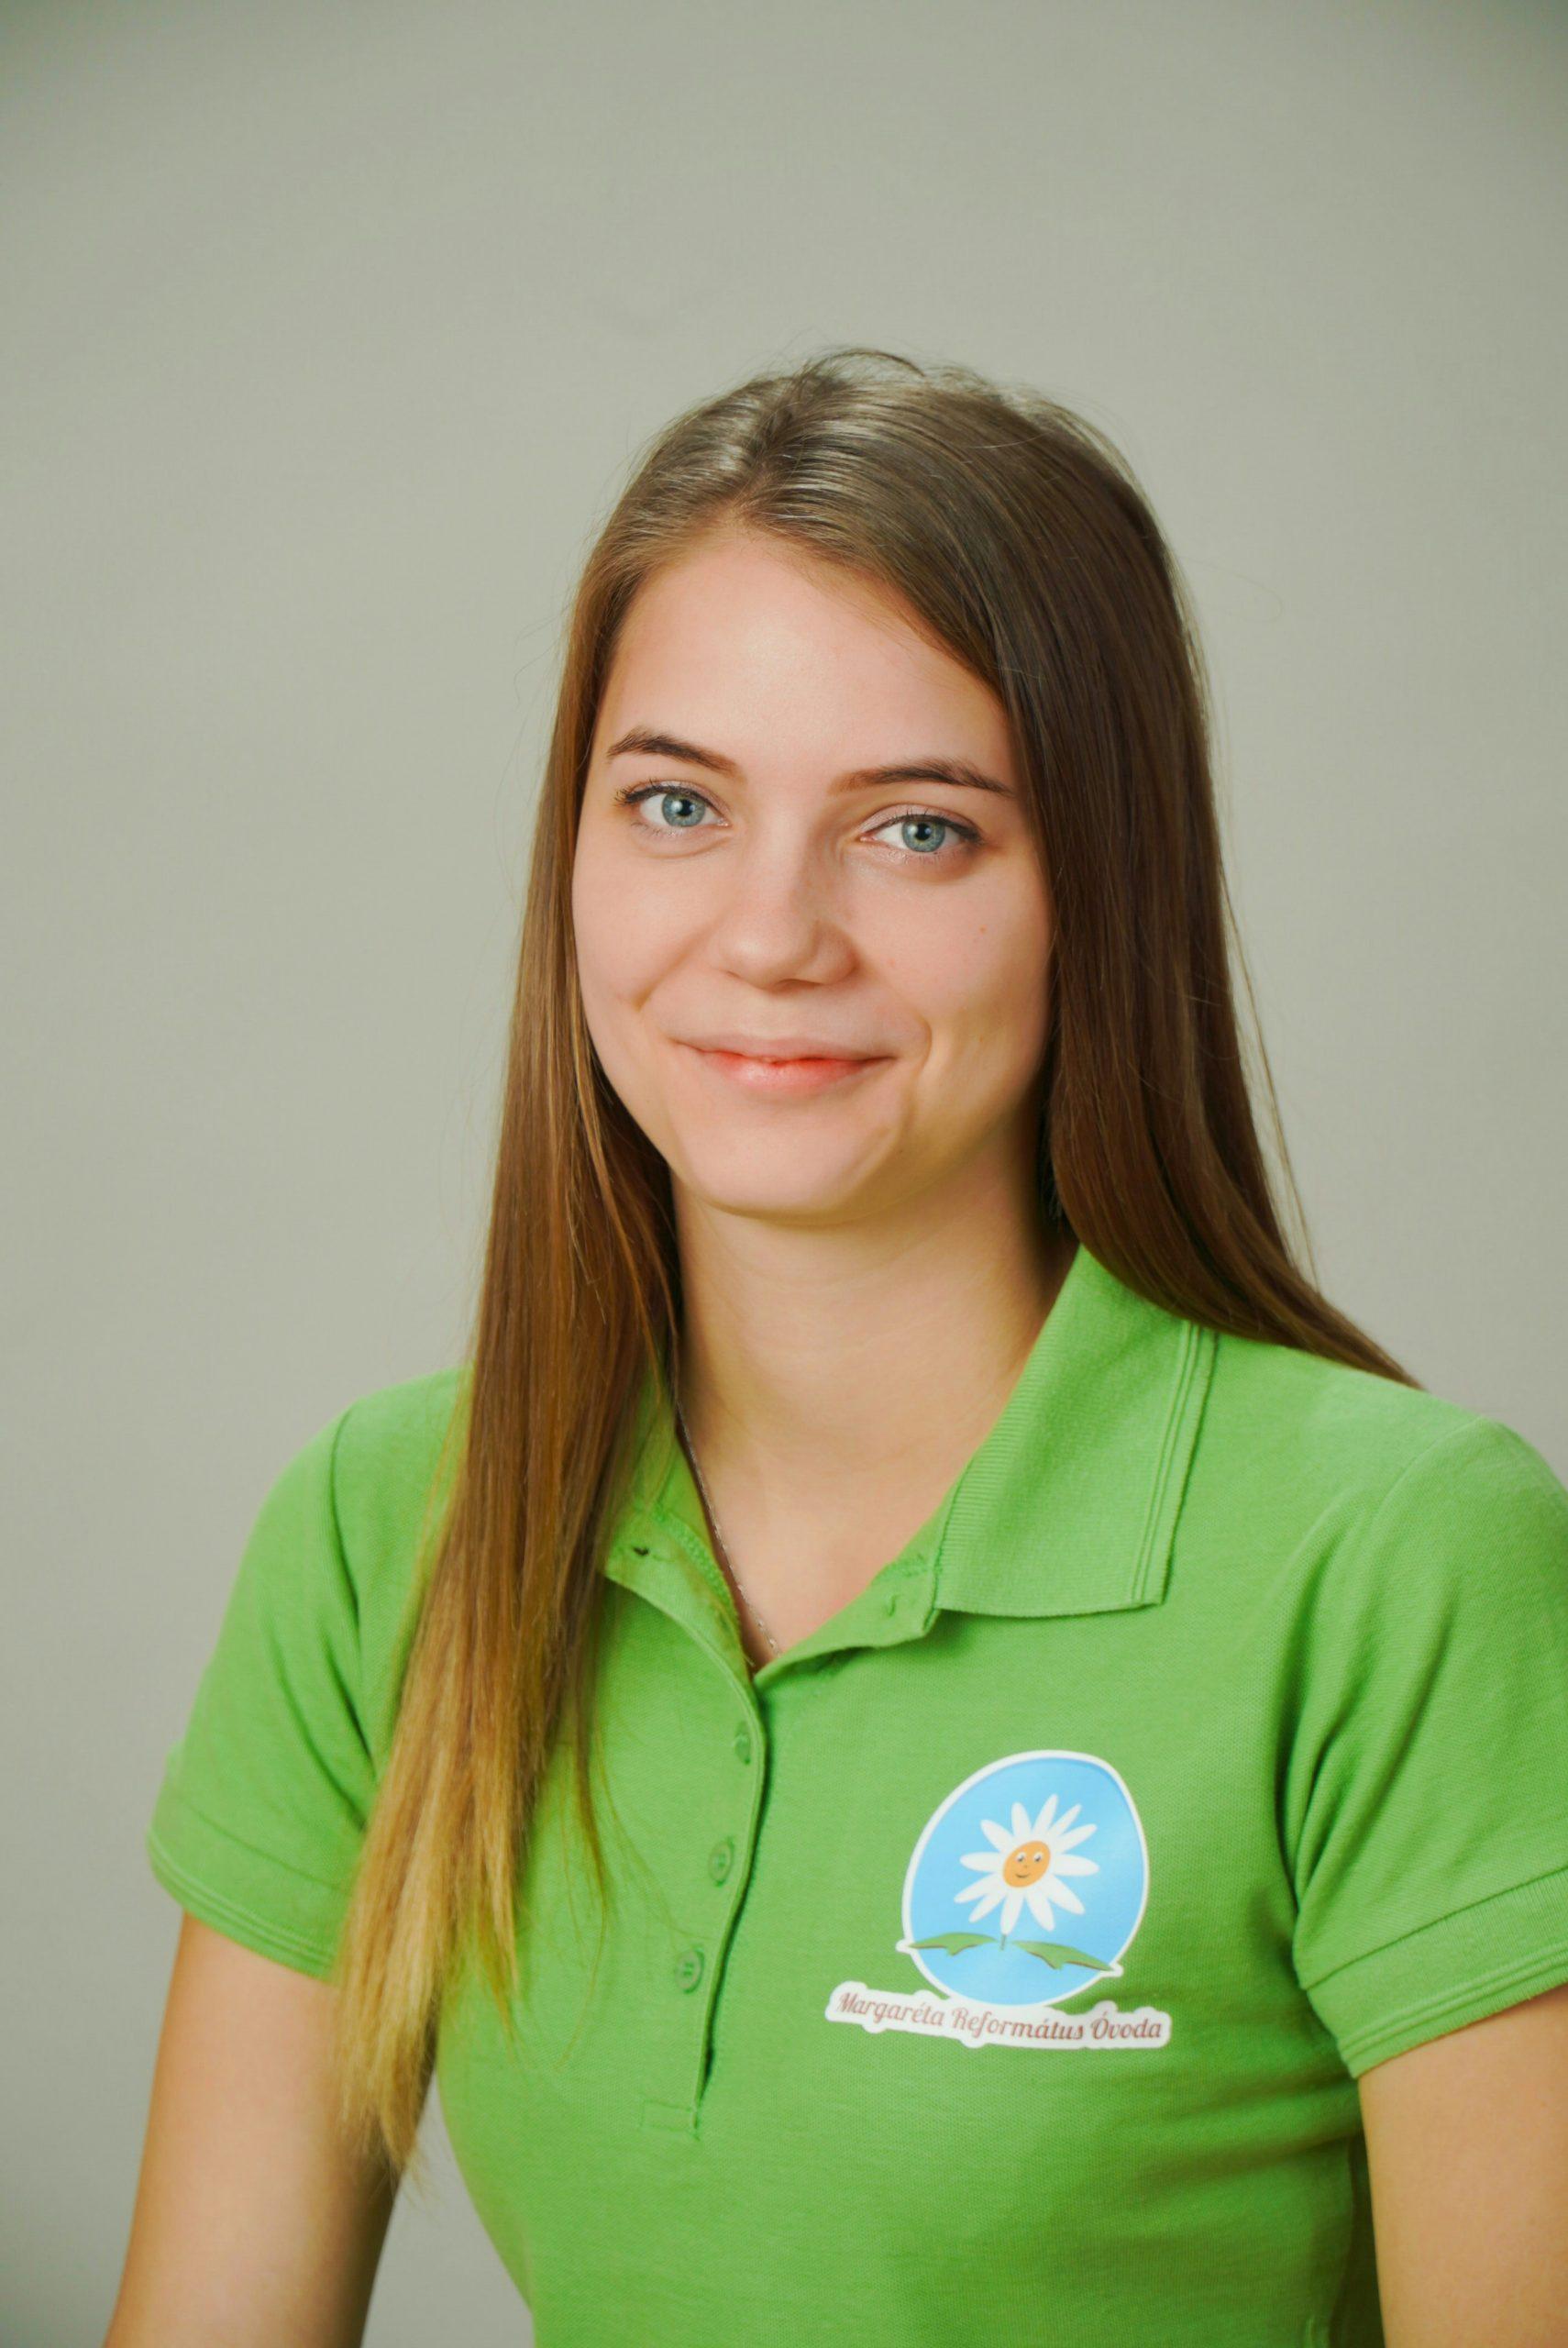 Czéh Kamilla - Pedagógiai asszisztens